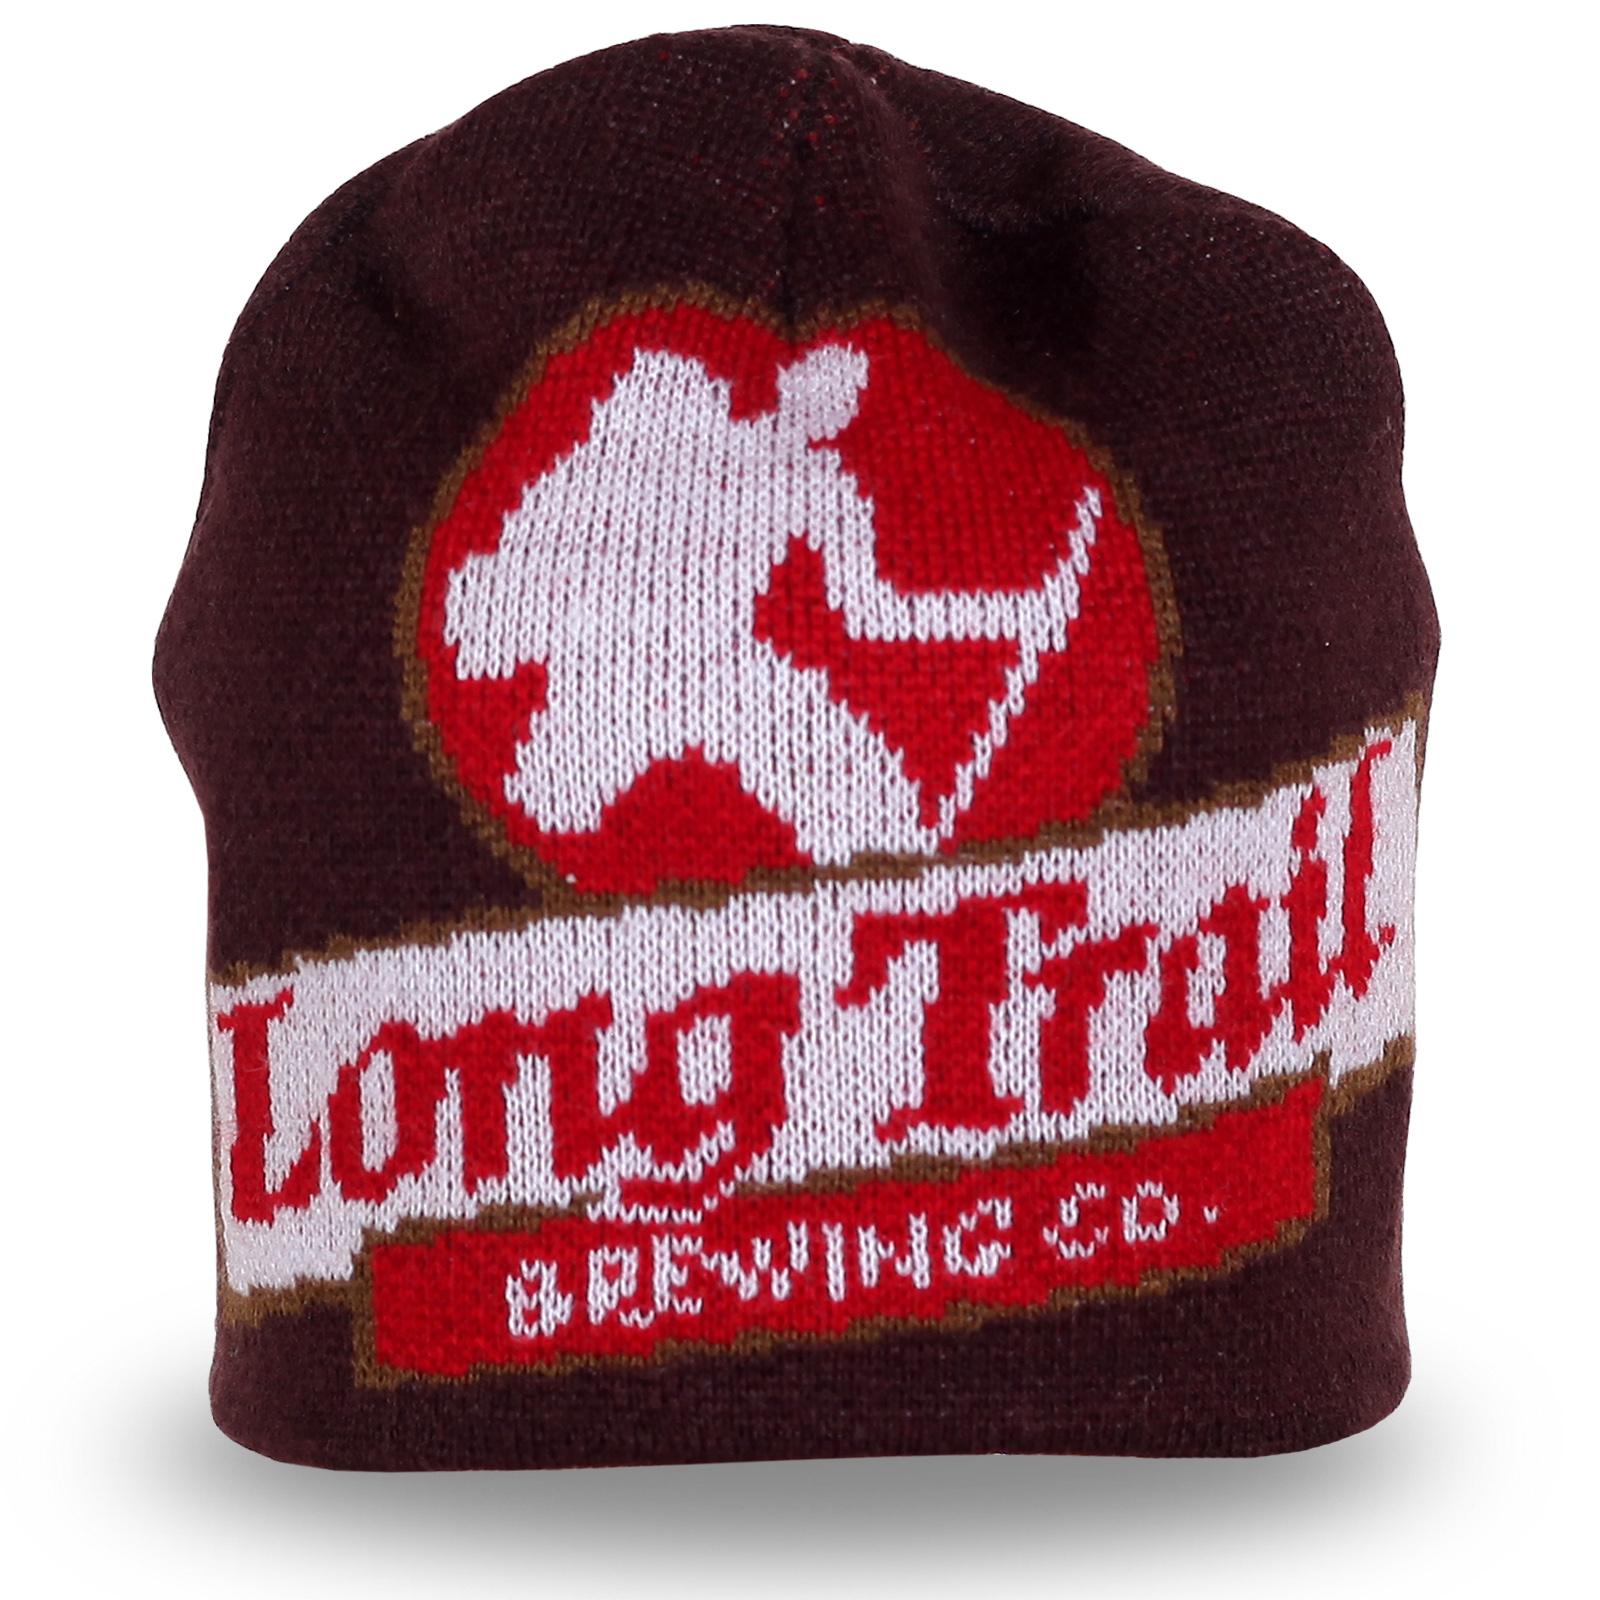 Вязаная шапка с рисунком и надписью Long Trail